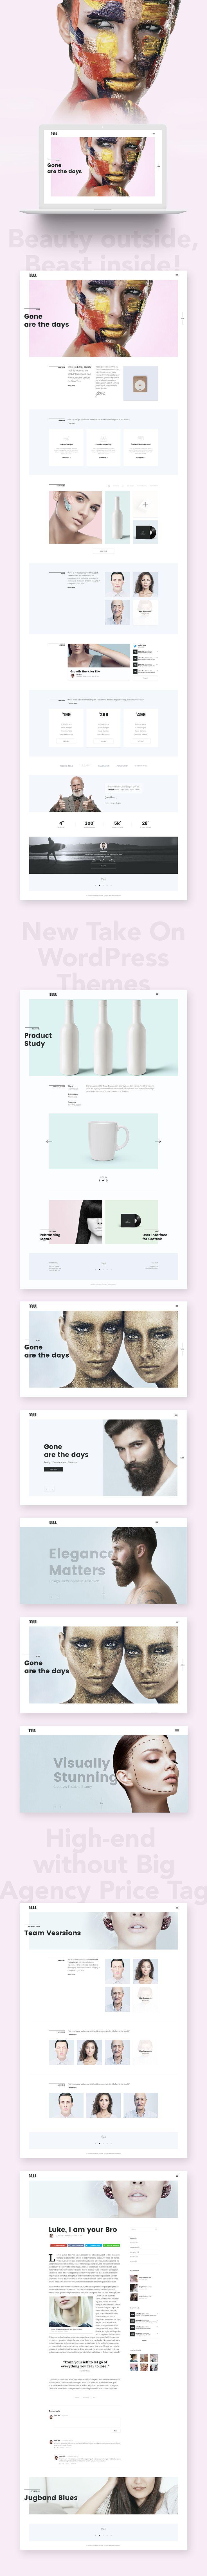 Adios | Portfolio WordPress Theme for Creatives on Behance